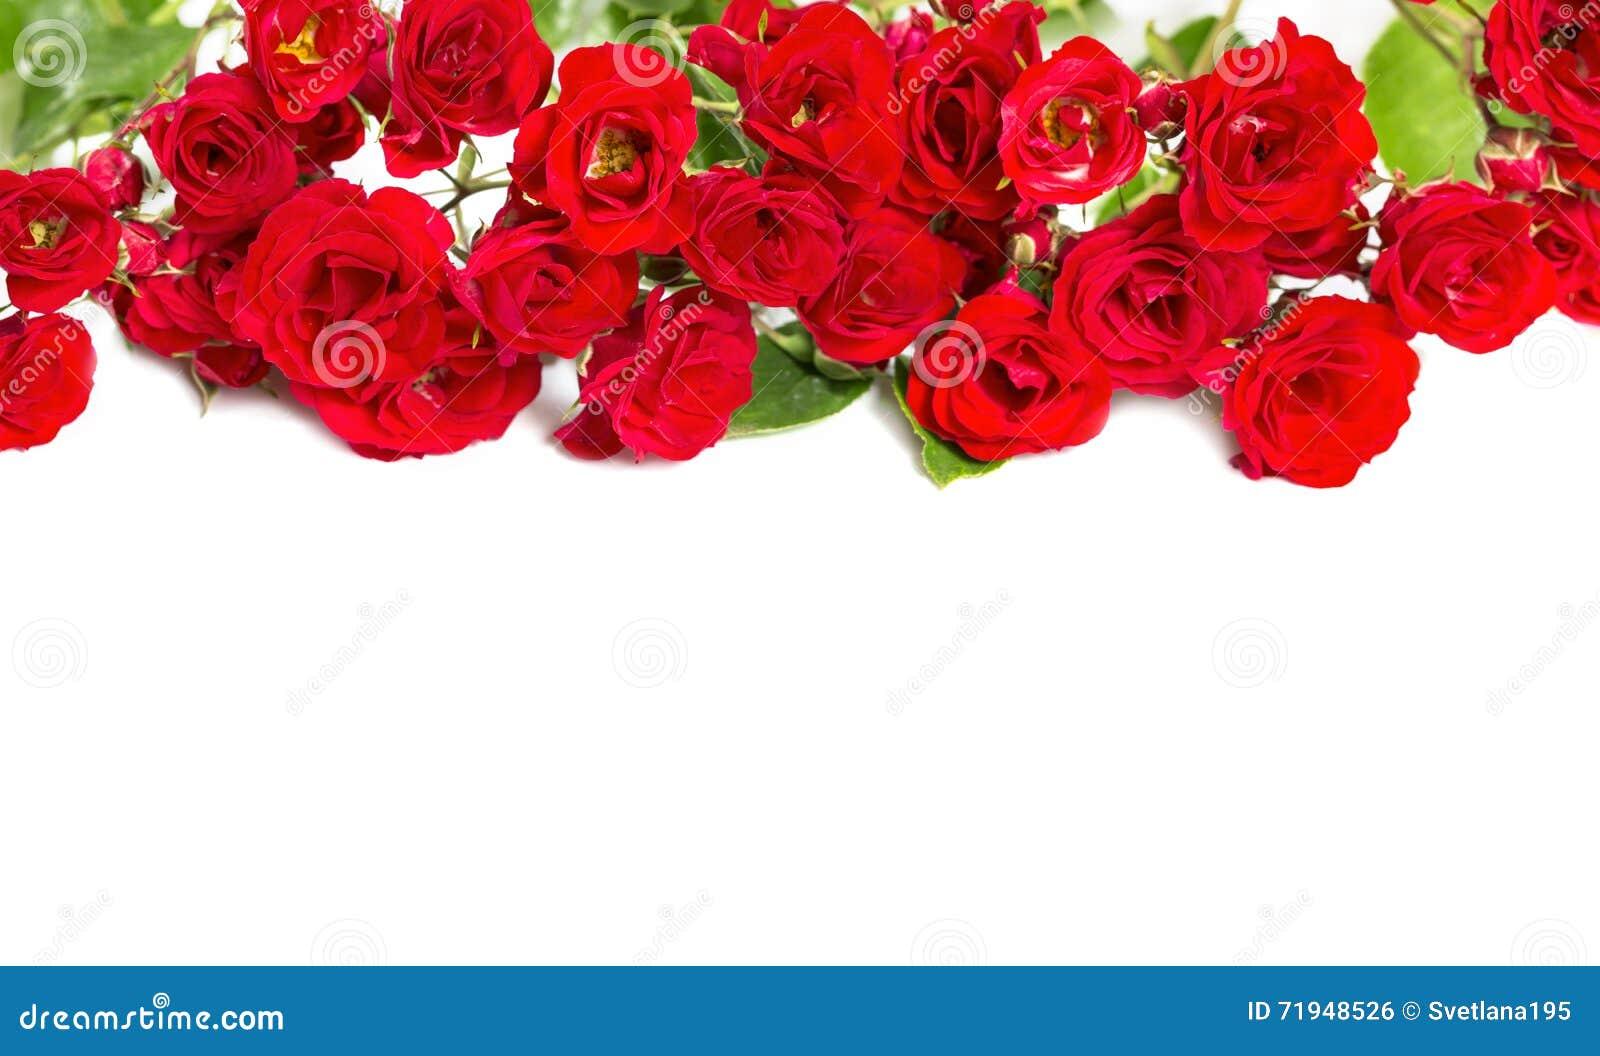 Букет роз - элемент для флористических тем